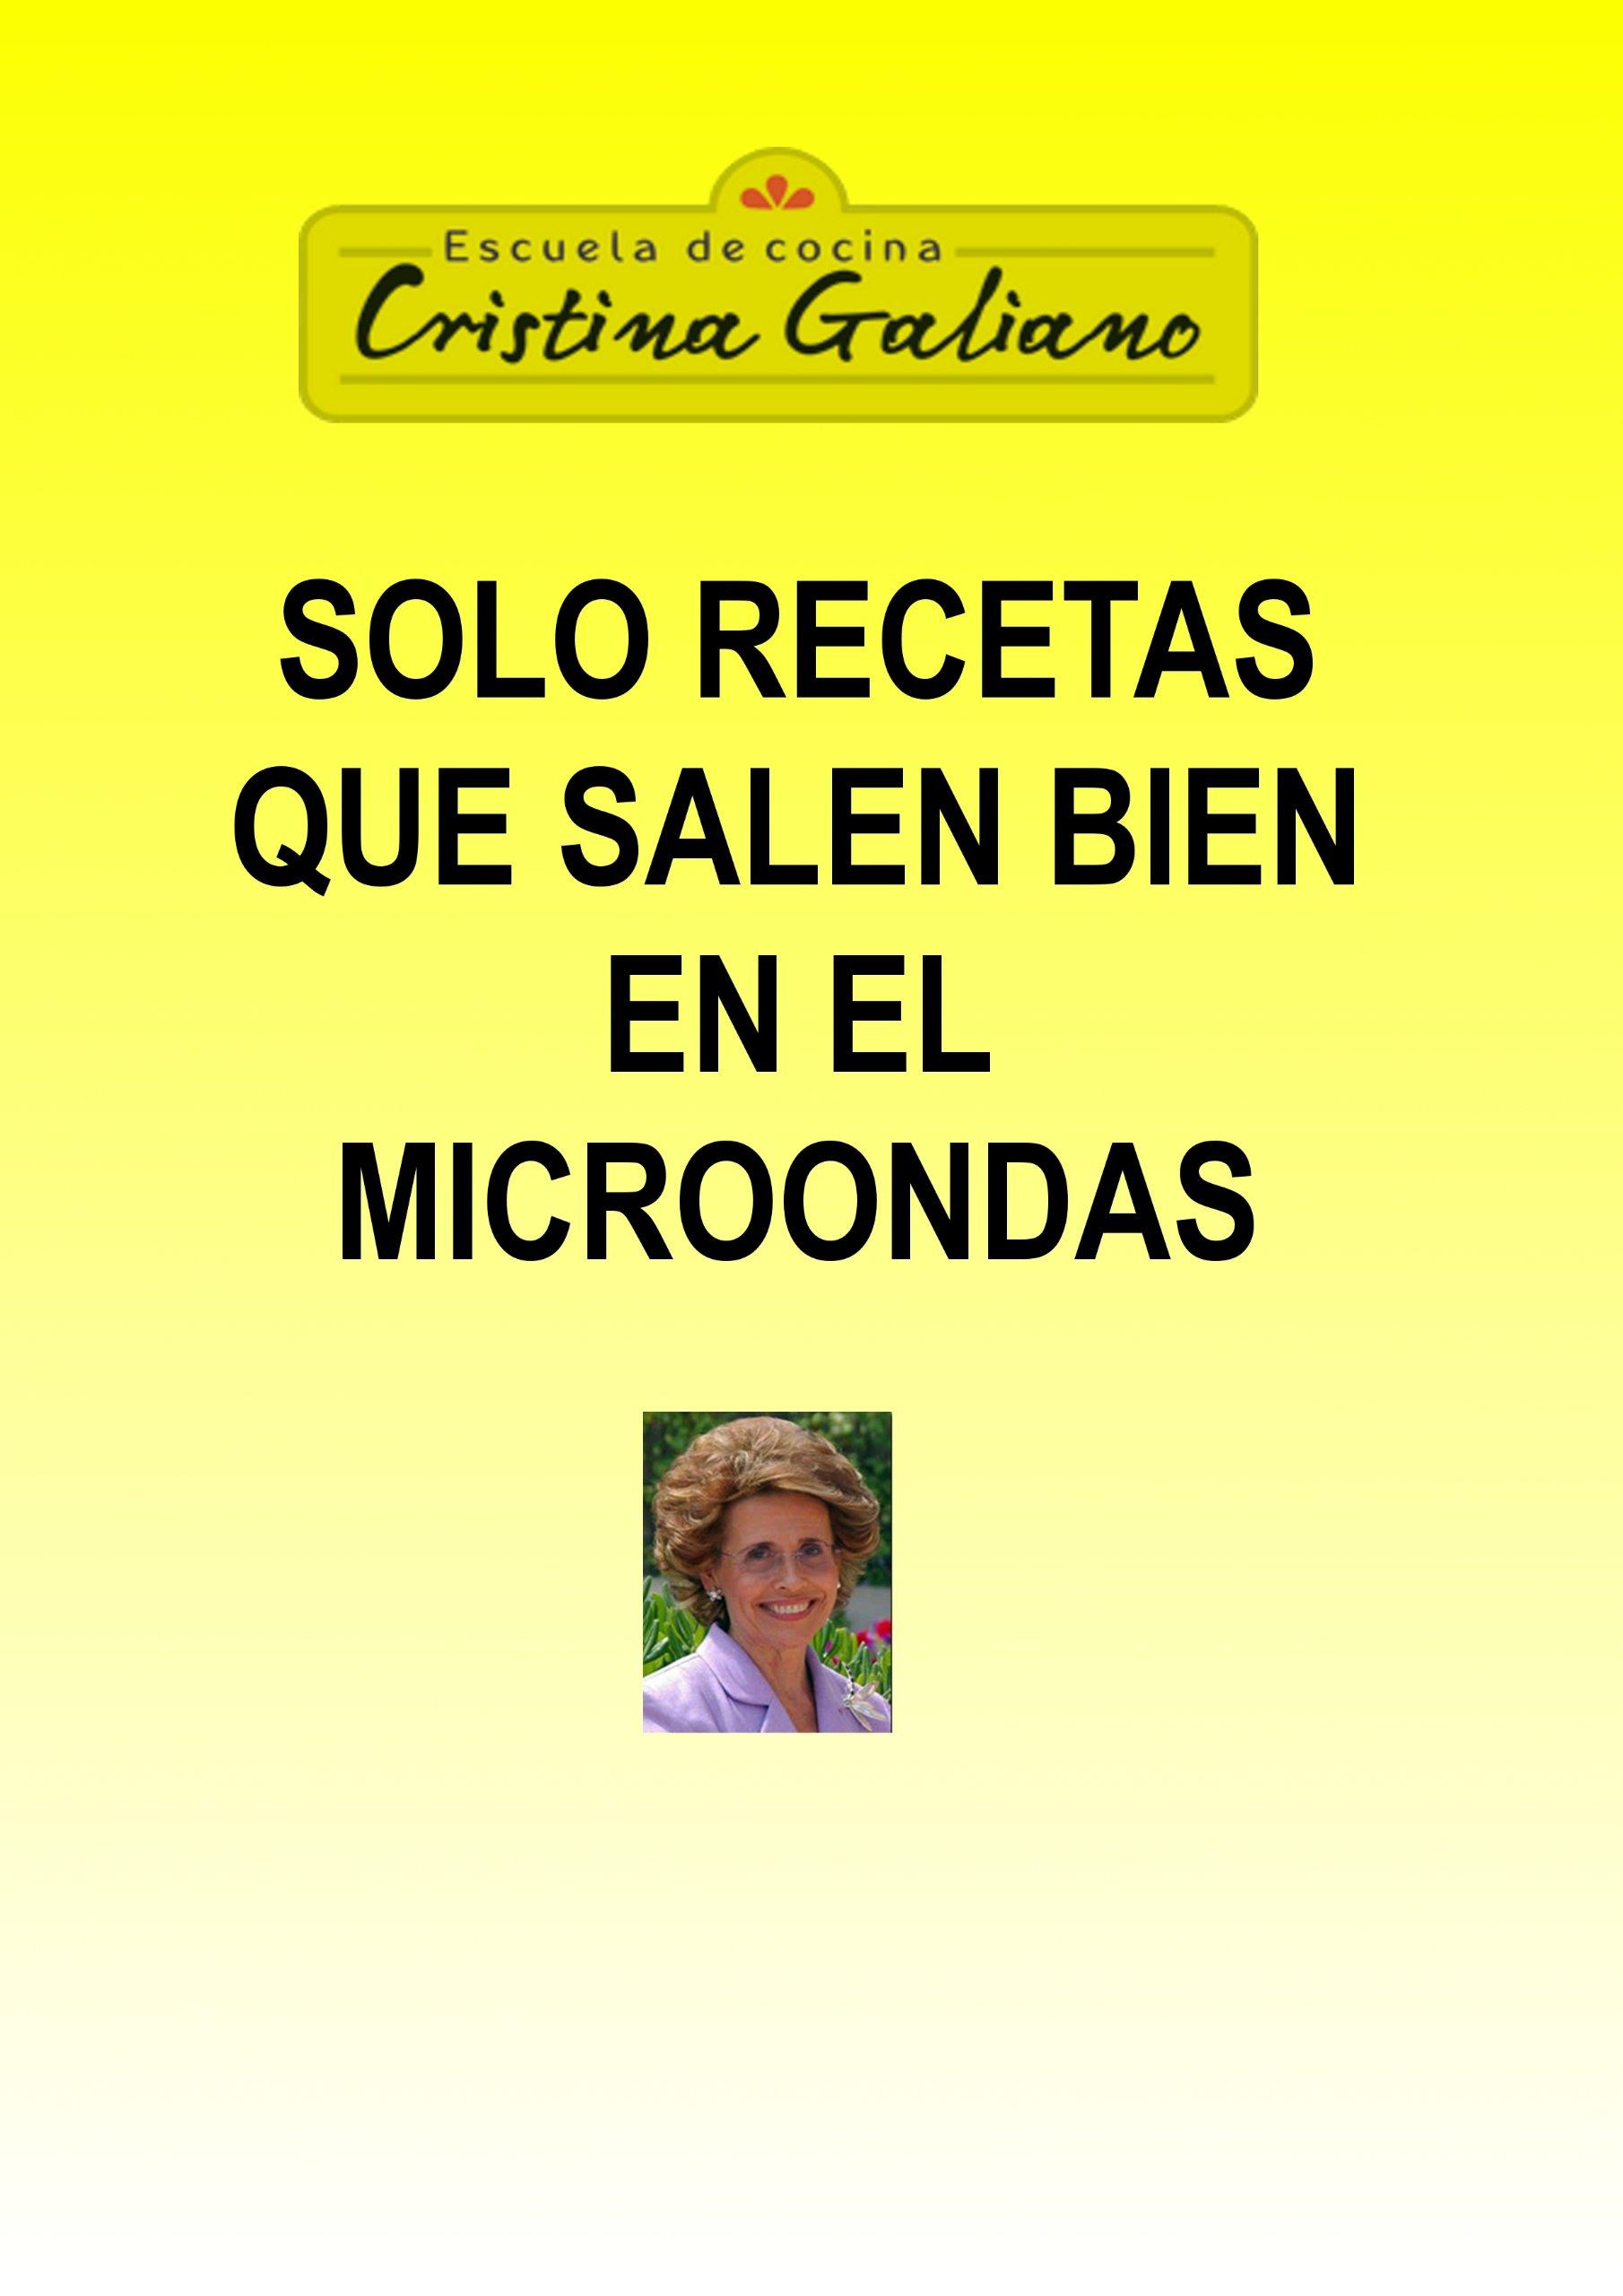 Solo recetas que salen bien en el microondas (Spanish Edition)